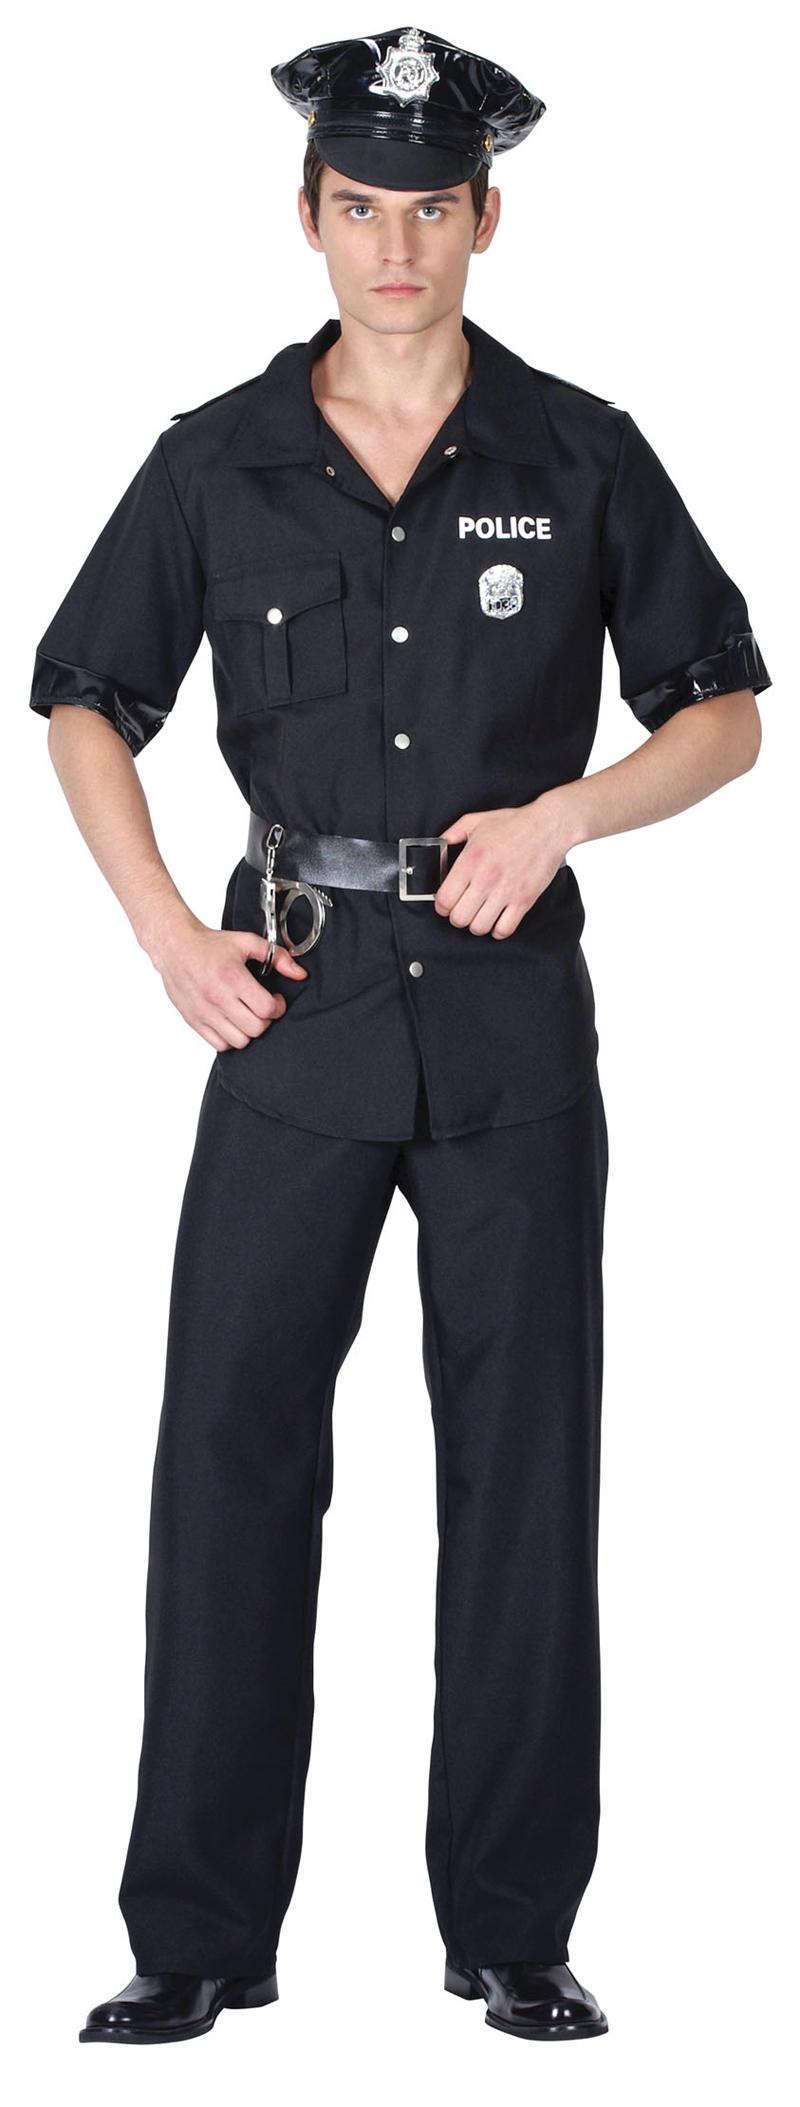 Herren Polizist Uniform Polizeimann US Polizei Man Terminator Kostüm Kostüm Neu